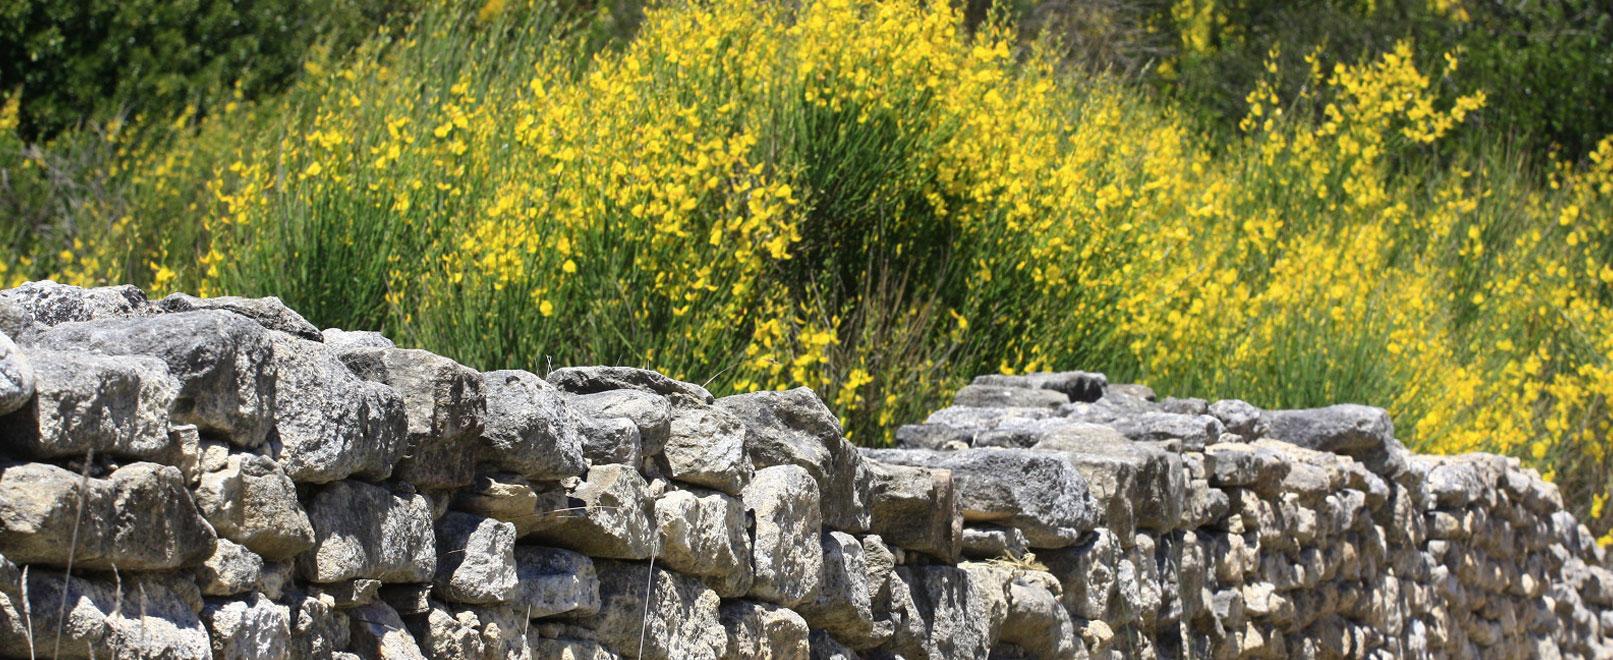 Por los senderos botánicos del Vaucluse © Hocquel